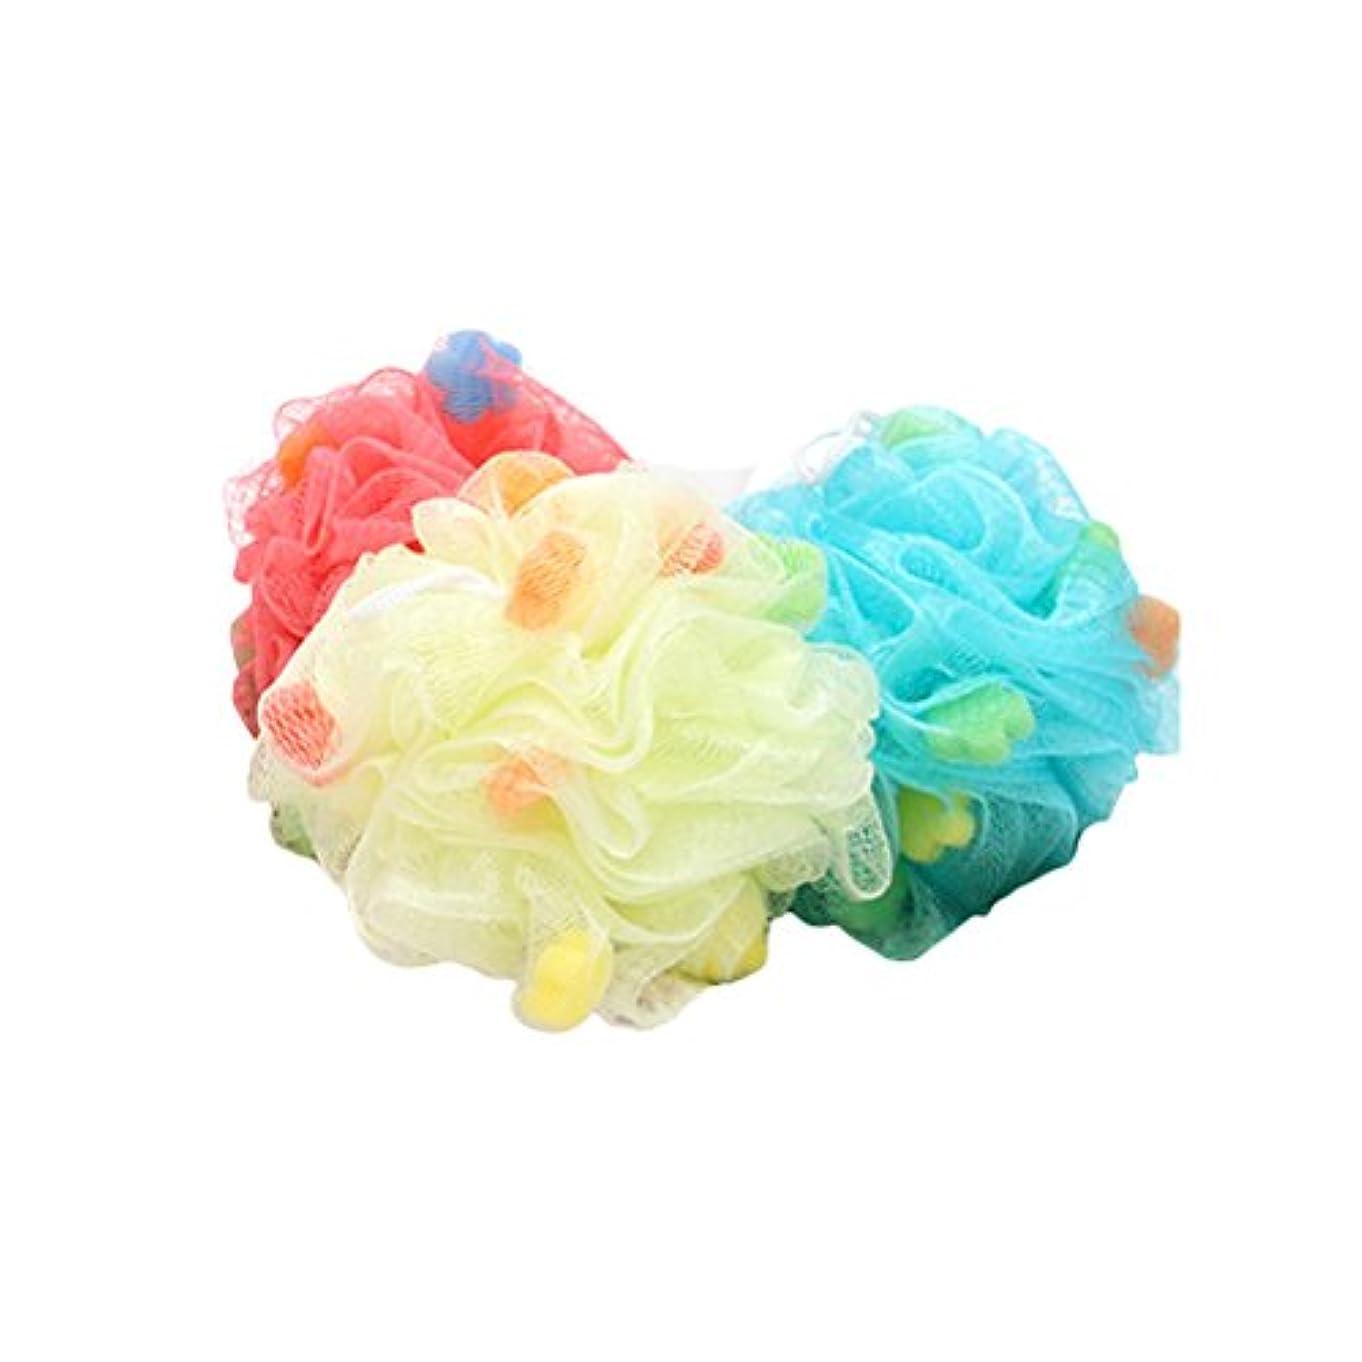 洋服若さ有限Healifty ボディースポンジ 泡立てネット フラワーボール シャワー用 バス用品 背中も洗える メッシュ ボディ洗い 泡肌美人(ランダム色)3個